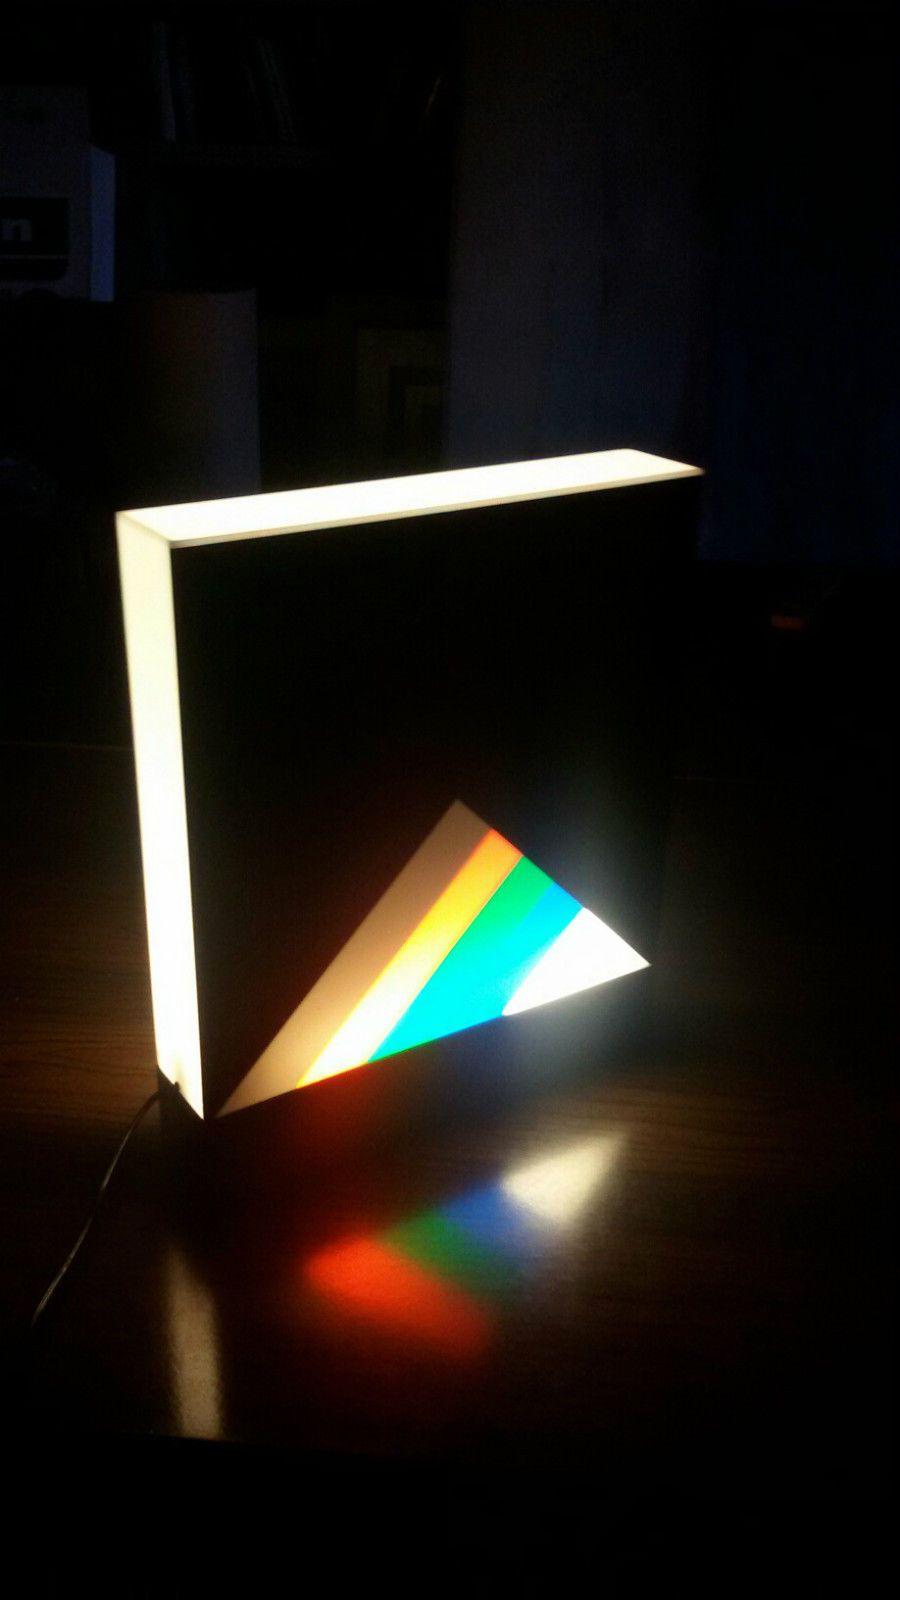 Eugenio Carmi Lampe Sculpture 1970 Light Sculpture Light